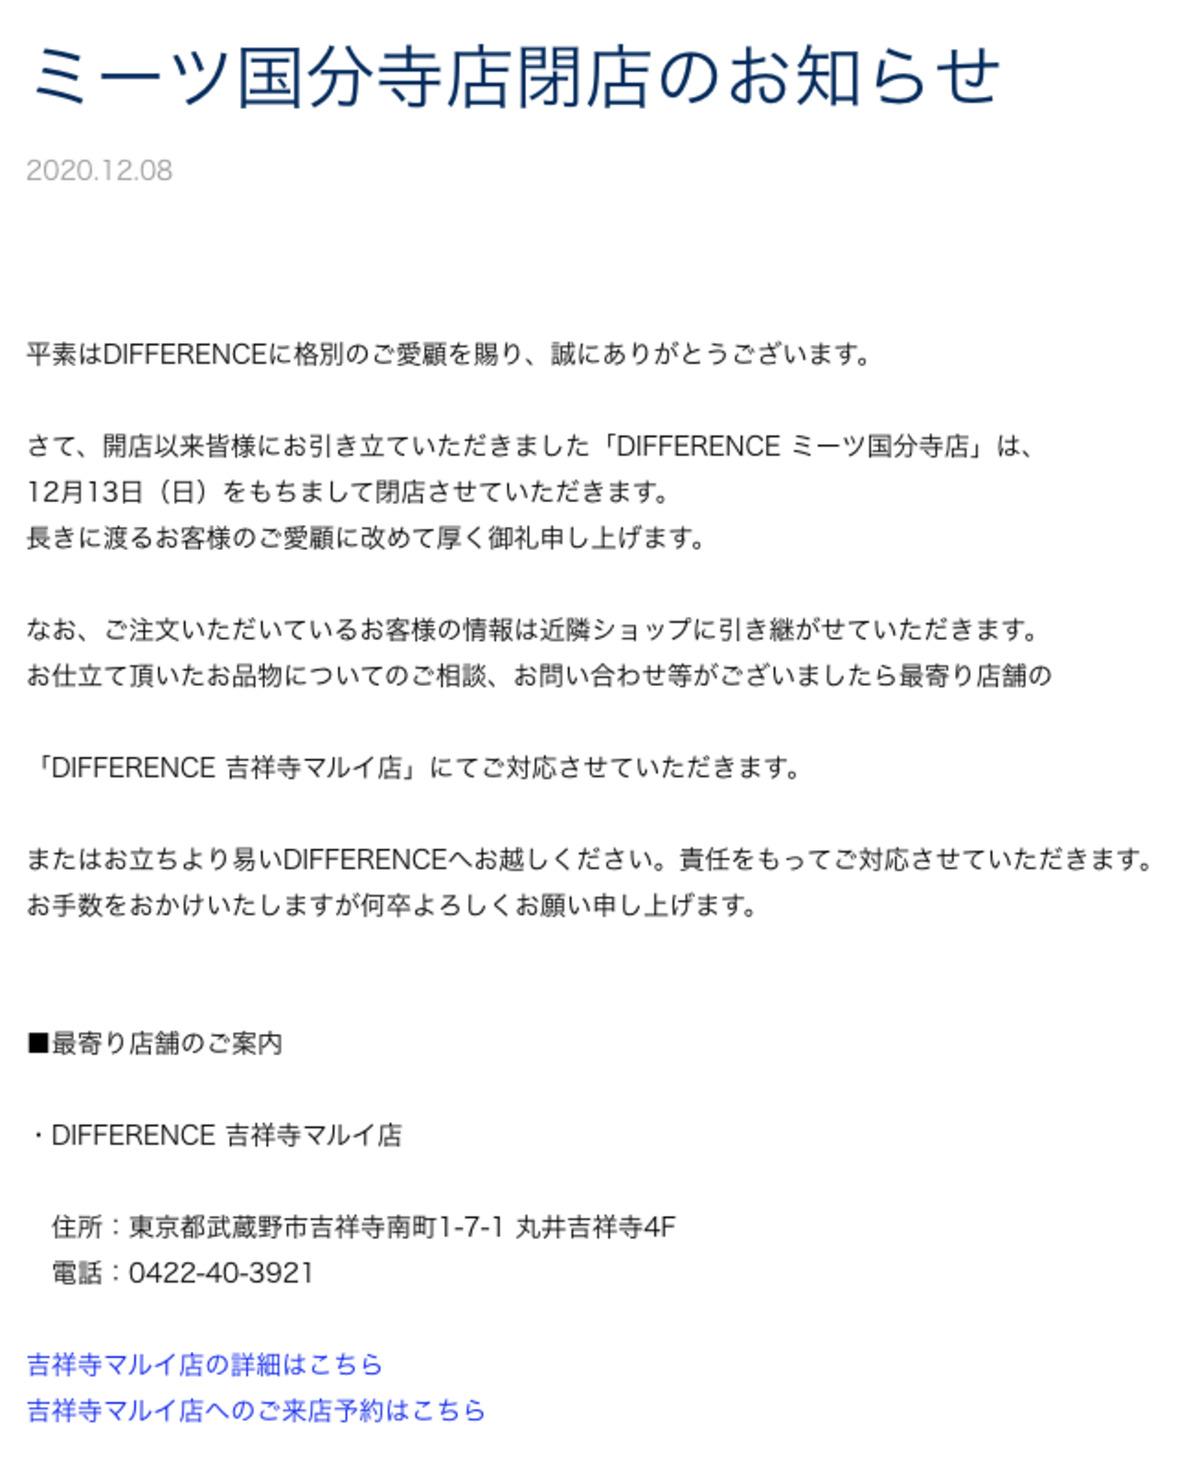 ディファレンス ミーツ国分寺閉店のお知らせ